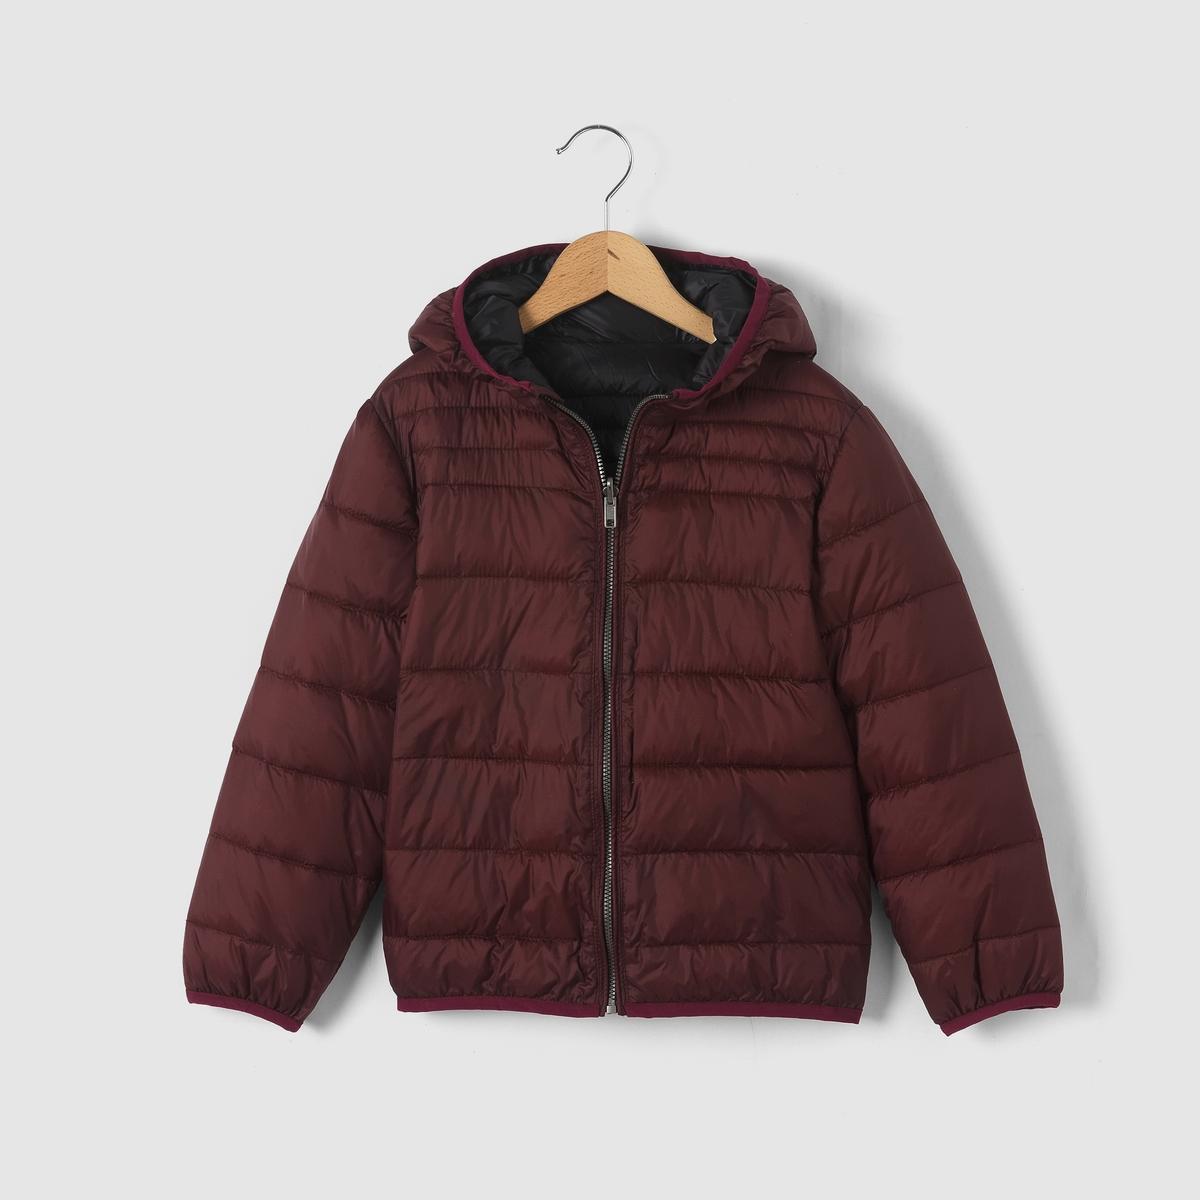 Куртка стеганая тонкая двухсторонняя, 3-12 летОписание:Детали •  Демисезонная модель •  Непромокаемая •  Застежка на молнию •  С капюшоном •  Длина : средняяСостав и уход •  100% полиэстер •  Подкладка : 100% полиэстер •  Наполнитель : 100% полиэстер •  Температура стирки 30° на деликатном режиме •  Сухая чистка и отбеливание запрещены •  Барабанная сушка на деликатном режиме •  Не гладить<br><br>Цвет: темно-синий,черный/бордовый<br>Размер: 8 лет - 126 см.10 лет - 138 см.12 лет -150 см.6 лет - 114 см.8 лет - 126 см.10 лет - 138 см.12 лет -150 см.3 года - 94 см